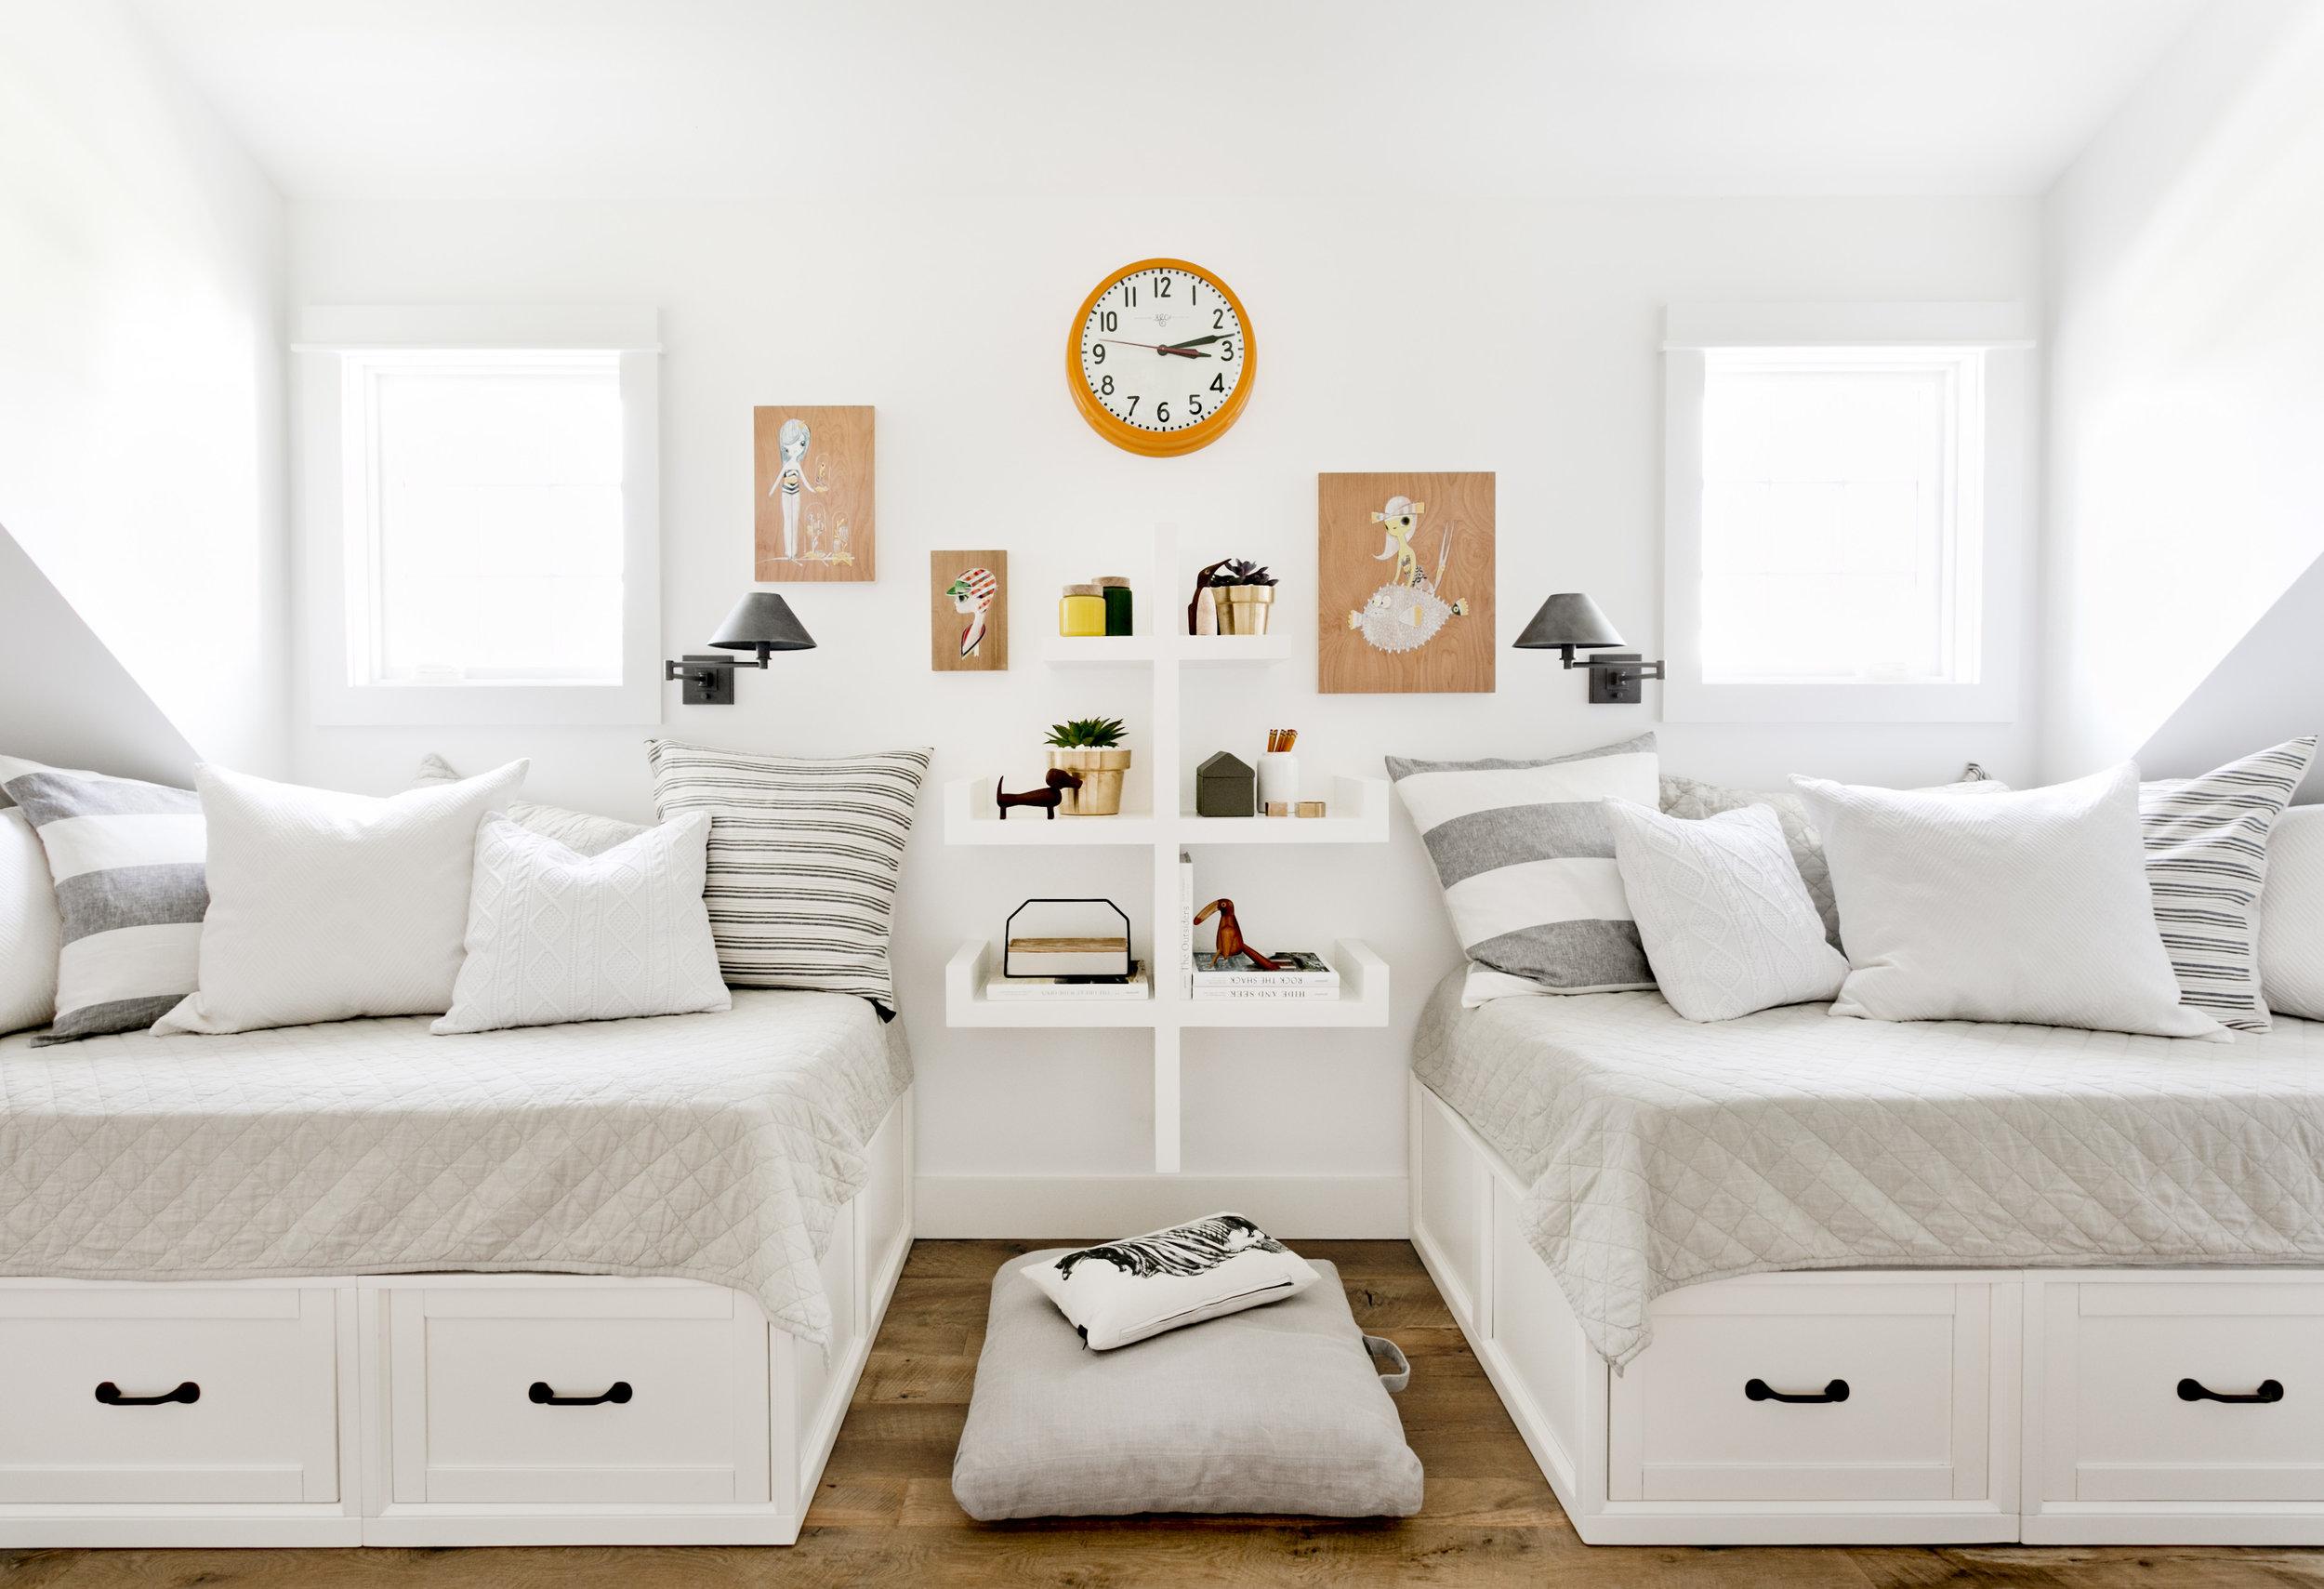 детская комната кровать с ящиками текстиль подушки полки окно мансарда